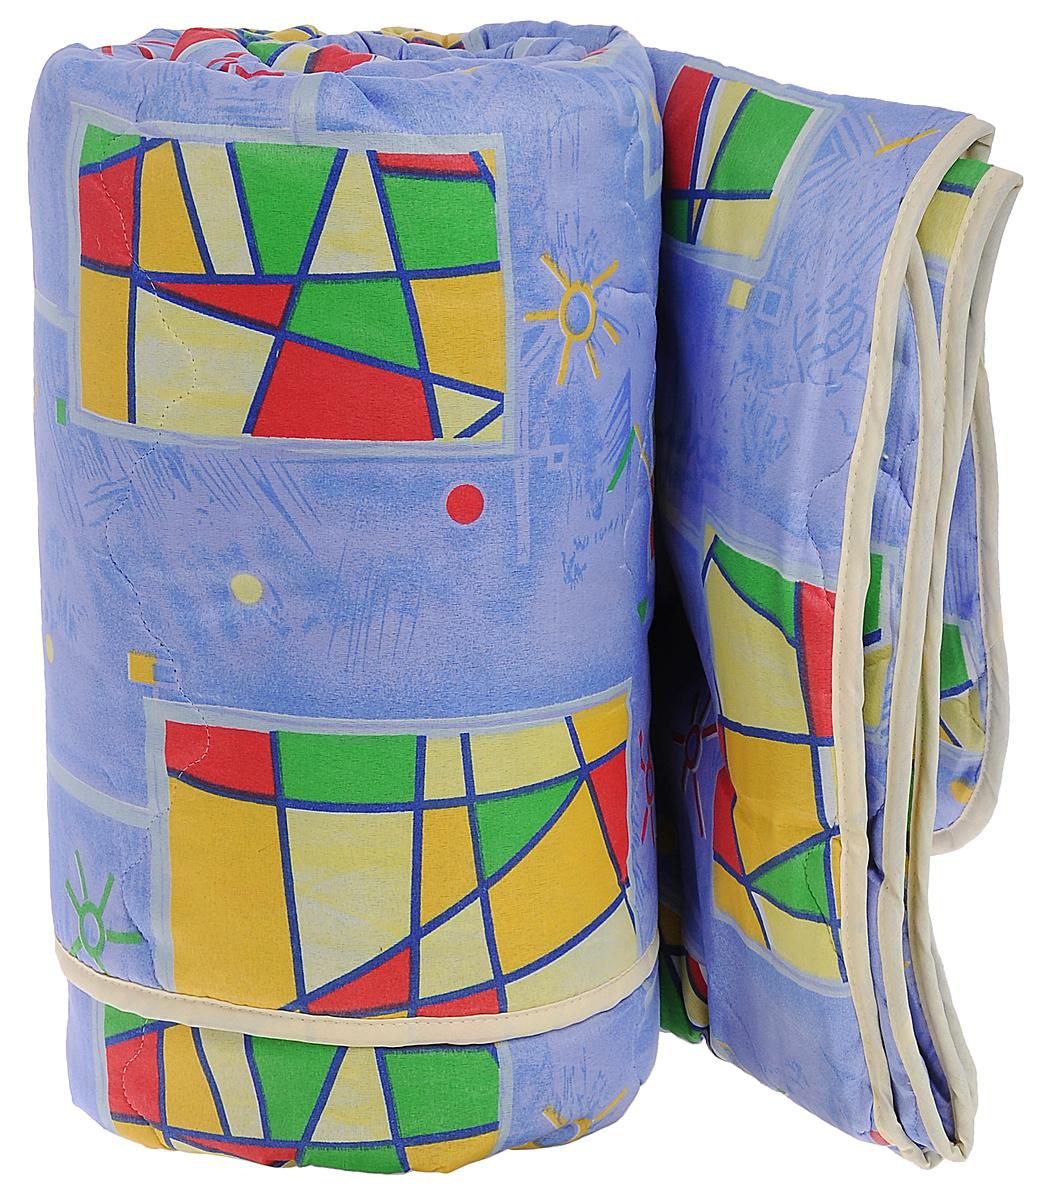 Одеяло всесезонное OL-Tex Miotex, наполнитель: полиэфирное волокно Holfiteks, цвет: сиреневый, желтый, 200 х 220 смМХПЭ-22-3_сиреневыйВсесезонное одеяло OL-Tex Miotex создаст комфорт и уют во время сна. Чехол выполнен из полиэстера и оформлен красочным рисунком. Внутри - современный наполнитель из полиэфирного высокосиликонизированного волокна Holfiteks, упругий и качественный. Прекрасно держит тепло. Одеяло с наполнителем Holfiteks легкое и комфортное. Даже после многократных стирок не теряет свою форму, наполнитель не сбивается, так как одеяло простегано и окантовано. Не вызывает аллергии. Holfiteks - это возможность легко ухаживать за своими постельными принадлежностями. Можно стирать в машинке, изделия быстро и полностью высыхают - это обеспечивает гигиену спального места при невысокой цене на продукцию.Плотность: 300 г/м2.